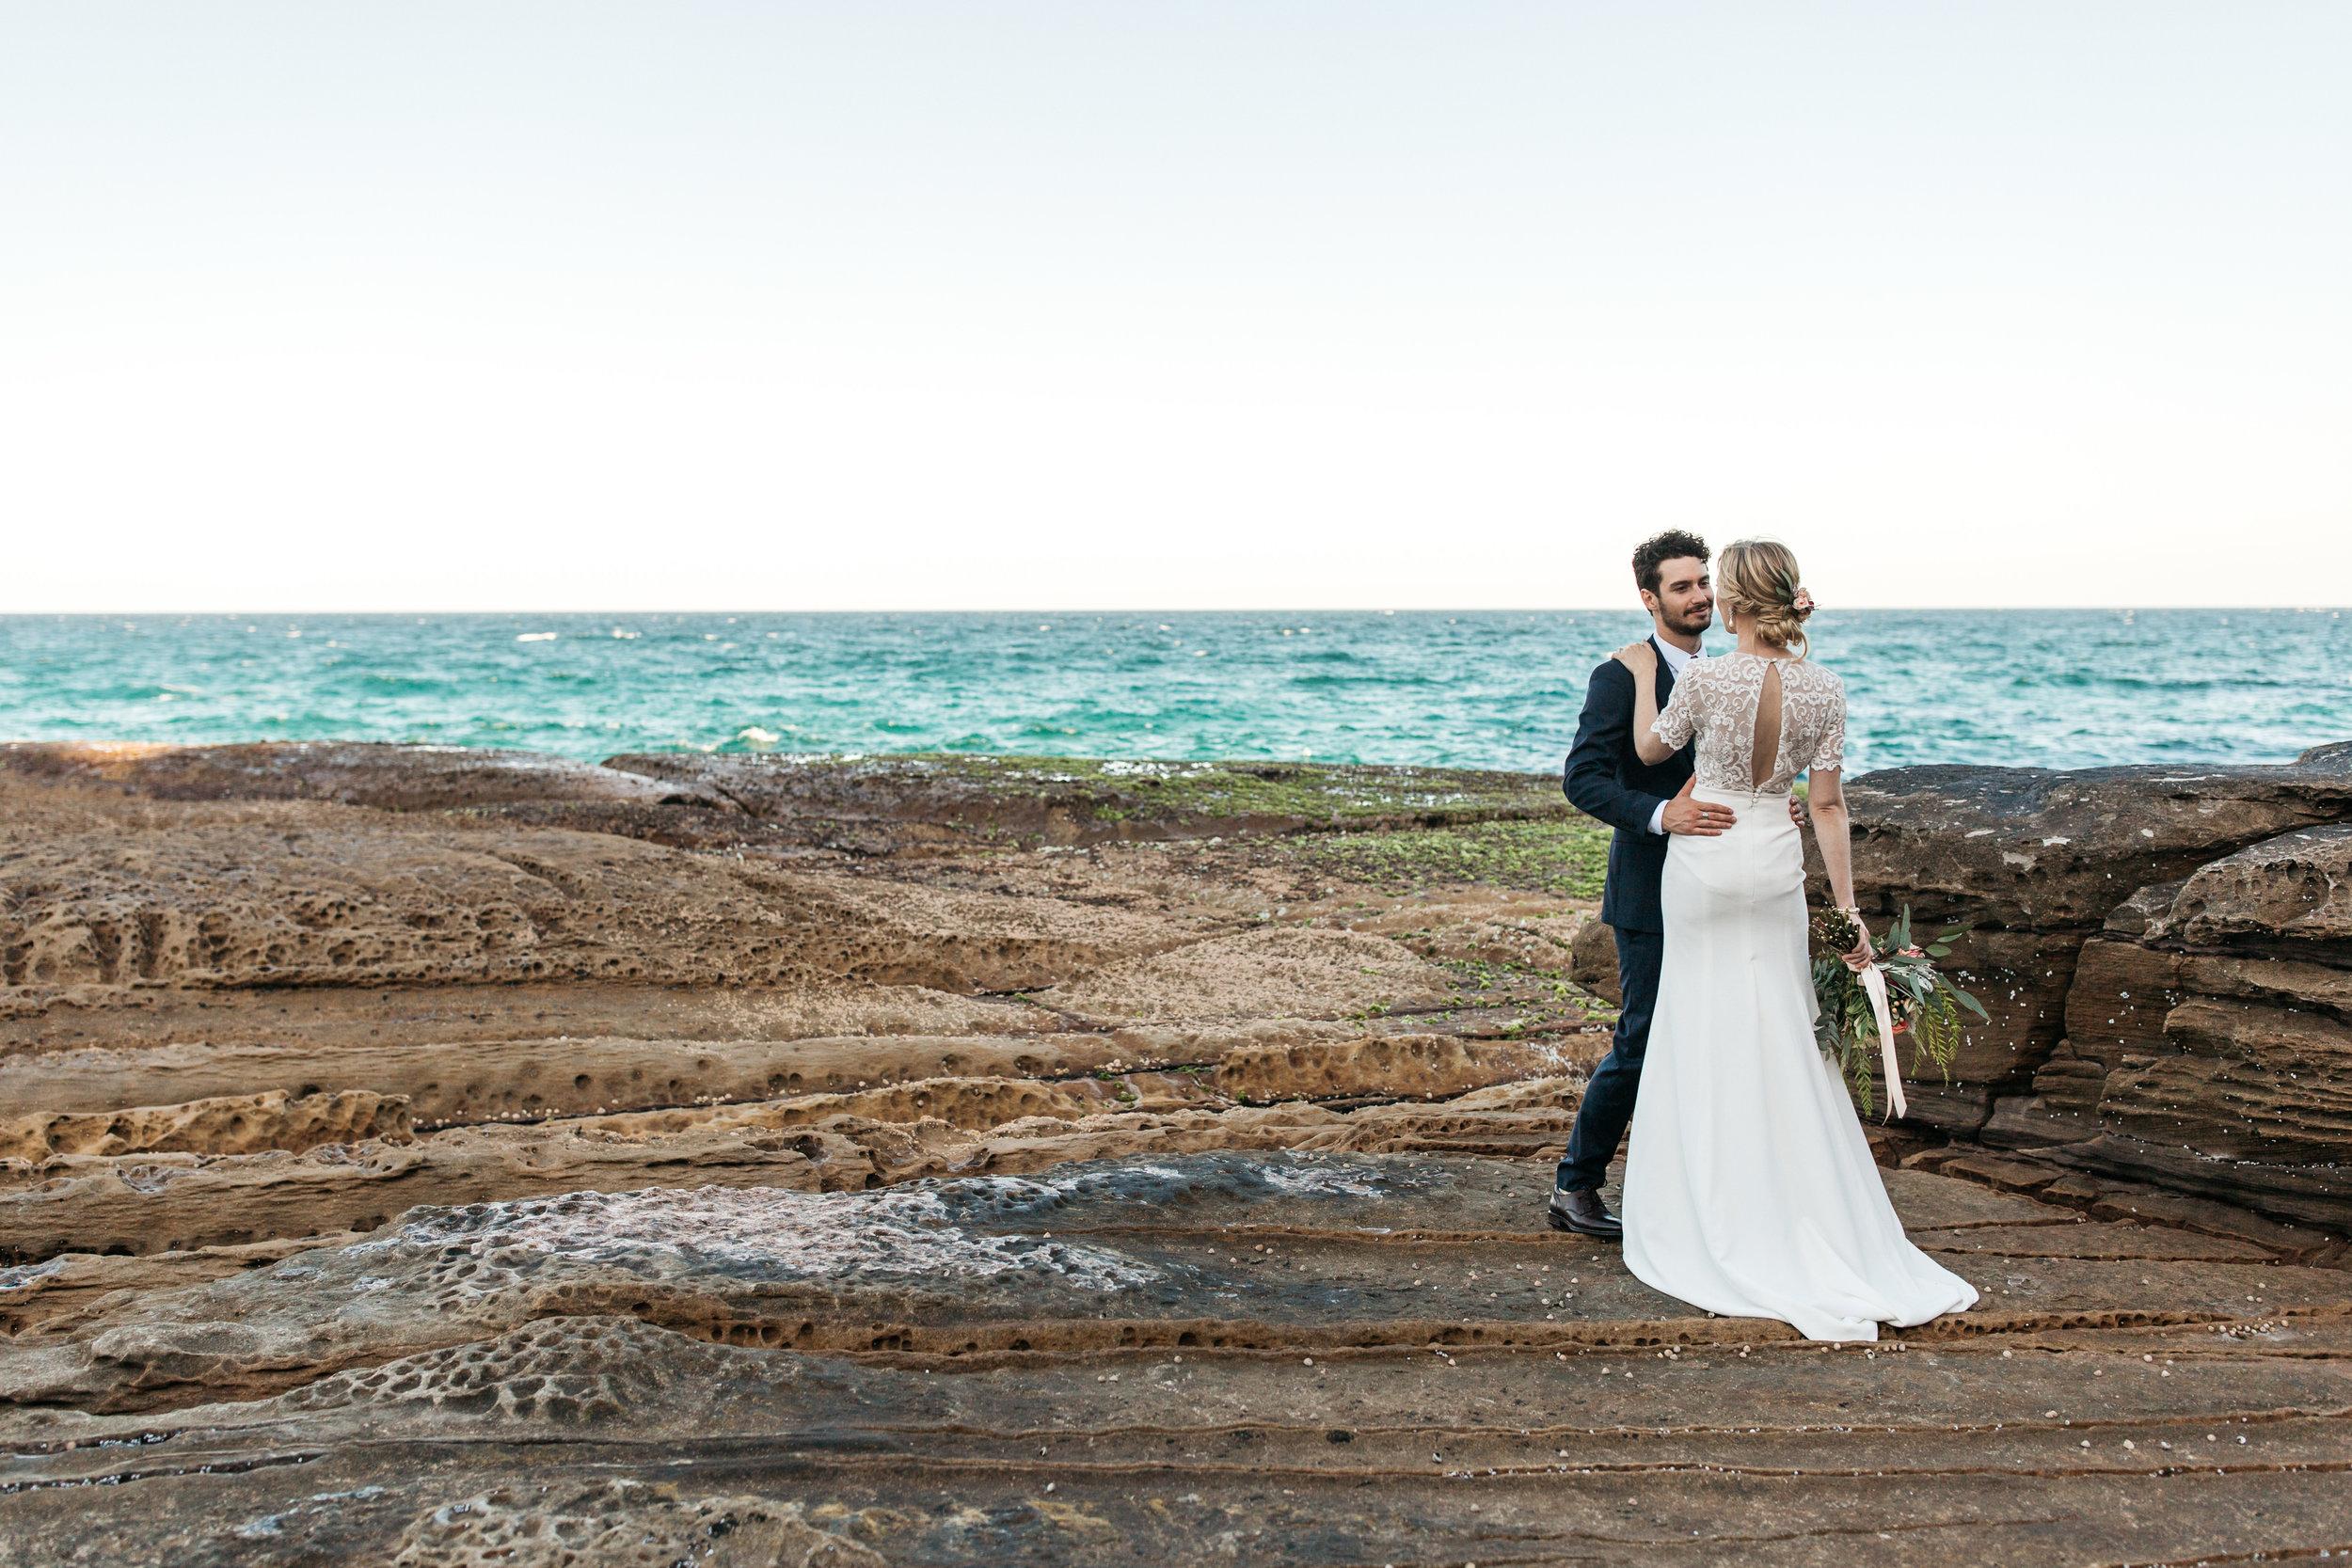 rhys paige tanyaa anic bridal photos by jessie ann R+P-198.jpg